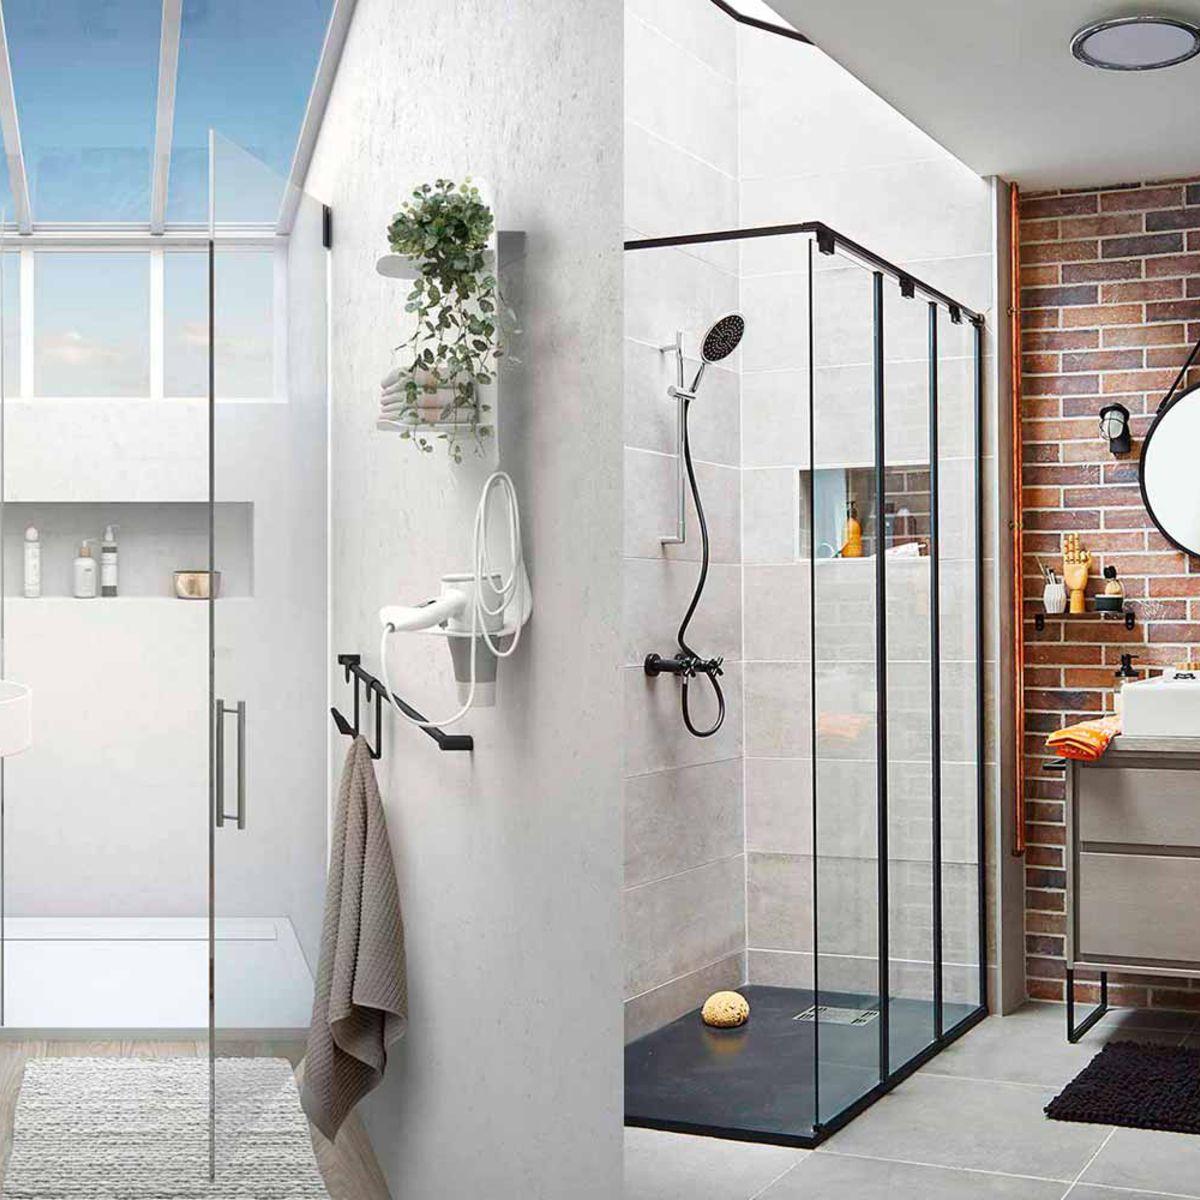 Comment Aménager Une Douche Dans Une Petite Salle De Bains à Modèle De Salle De Bain Avec Douche